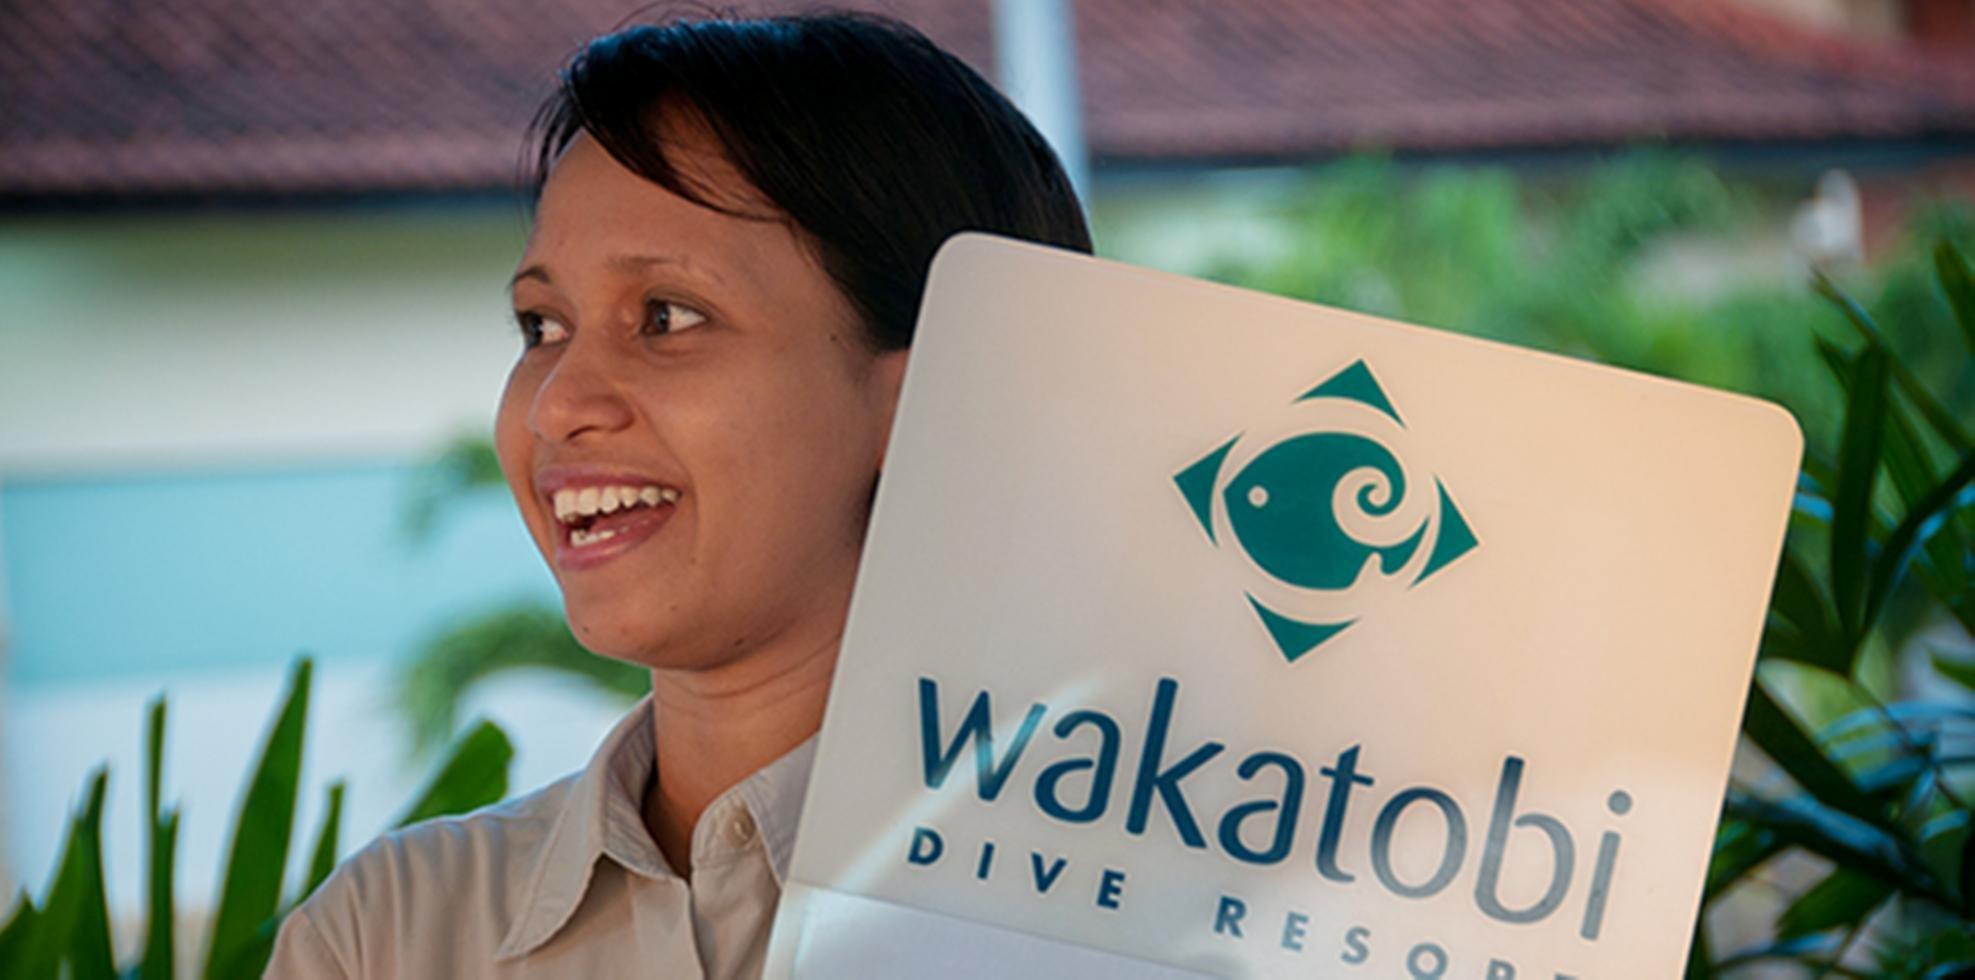 Wakatobi aiport meet&greet